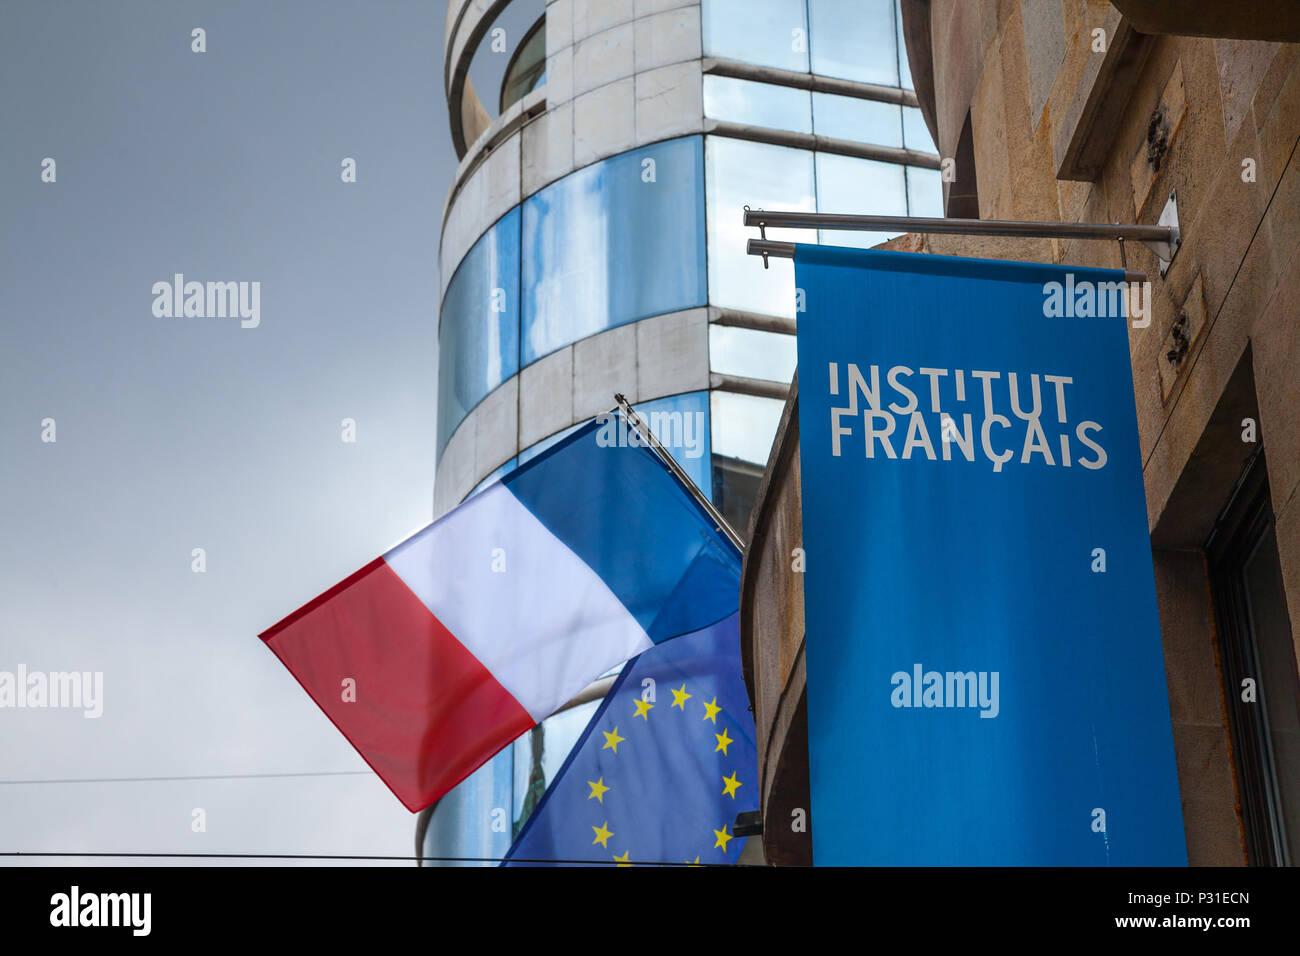 BELGRADE, SERBIE - 14 juin 2018: Le logo de l'Institut français (Institut Francais) avec le drapeau français sur leur siège pour la Serbie. Institut Francais est i Photo Stock